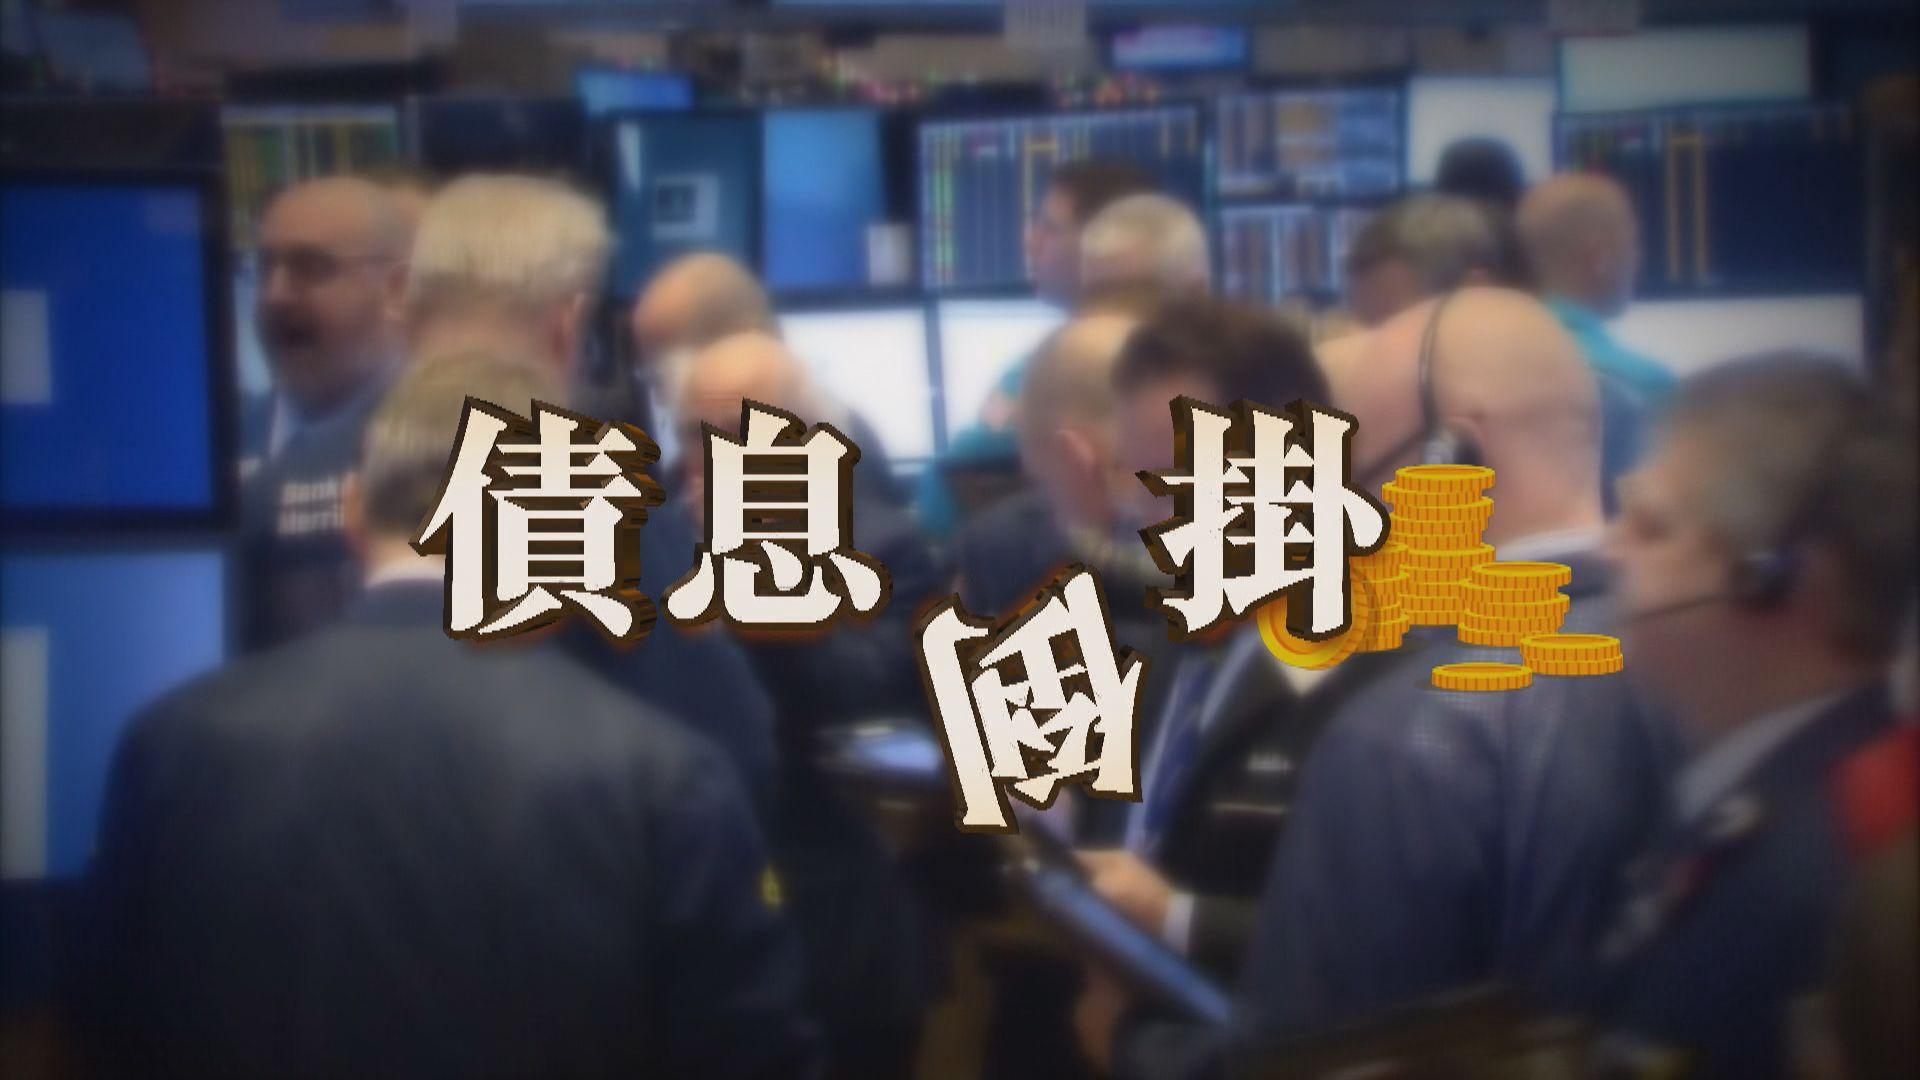 【新聞智庫】孳息率倒掛  經濟衰退先兆?